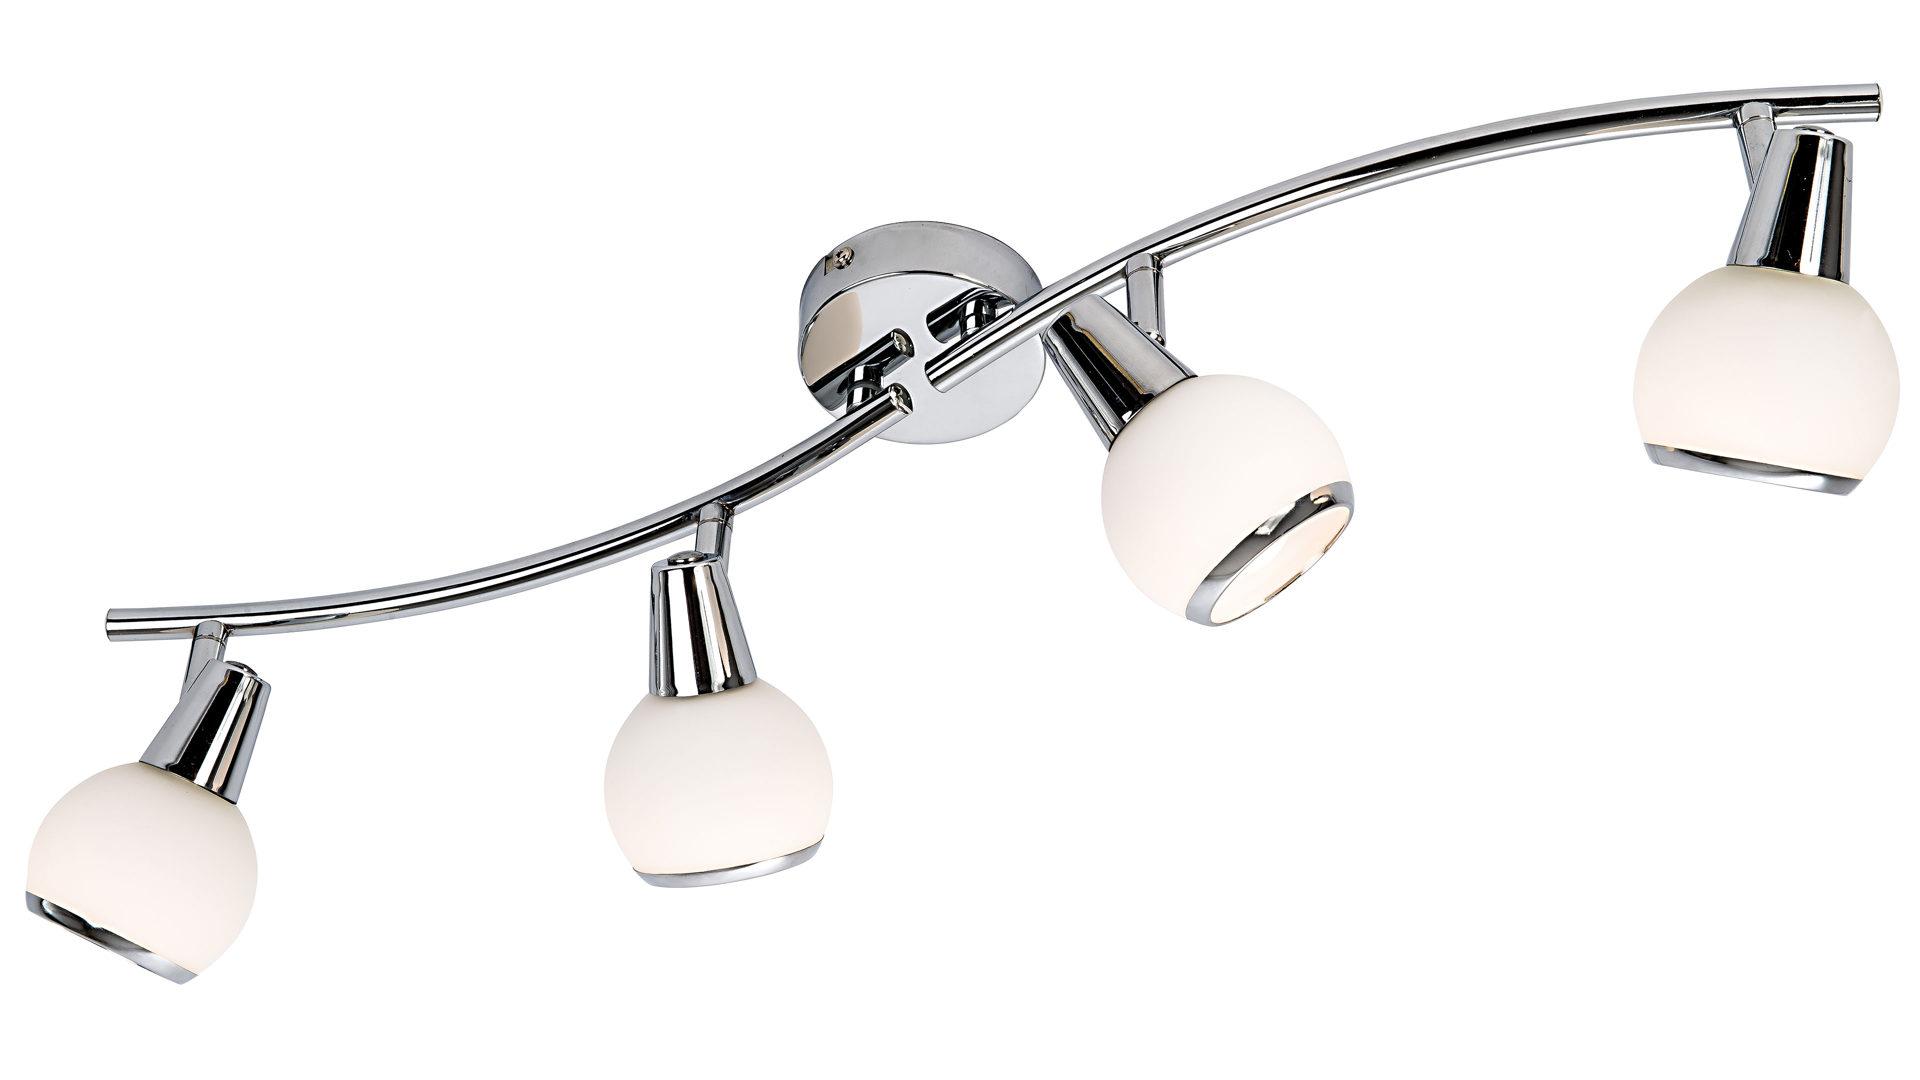 Mobel Bernskotter Mulheim Raume Wohnzimmer Lampen Leuchten Led